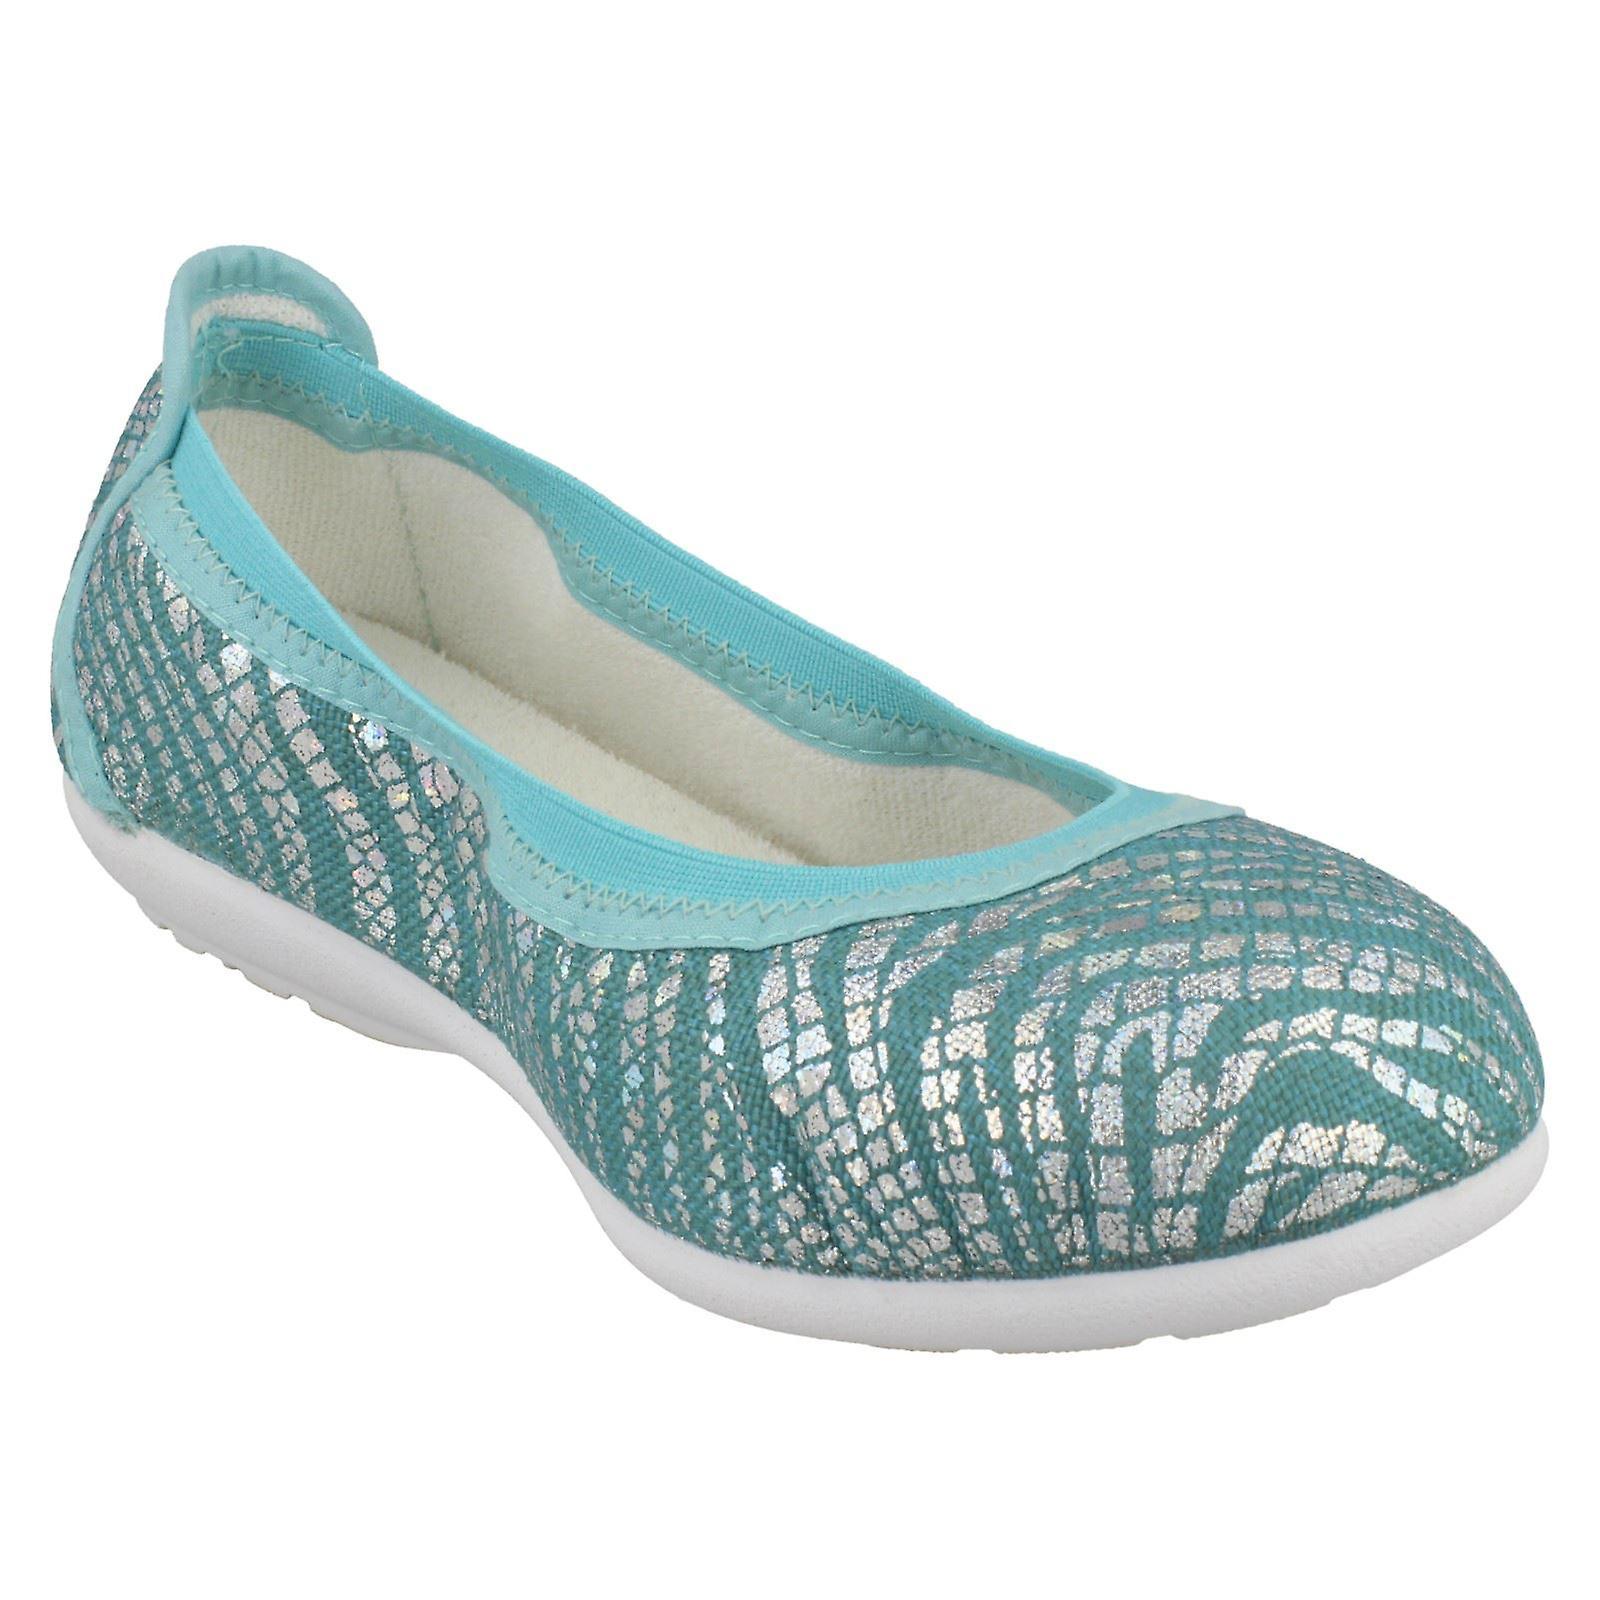 Dames gemakkelijk B golven Casual schoenen - Gratis verzending bMQ8IW